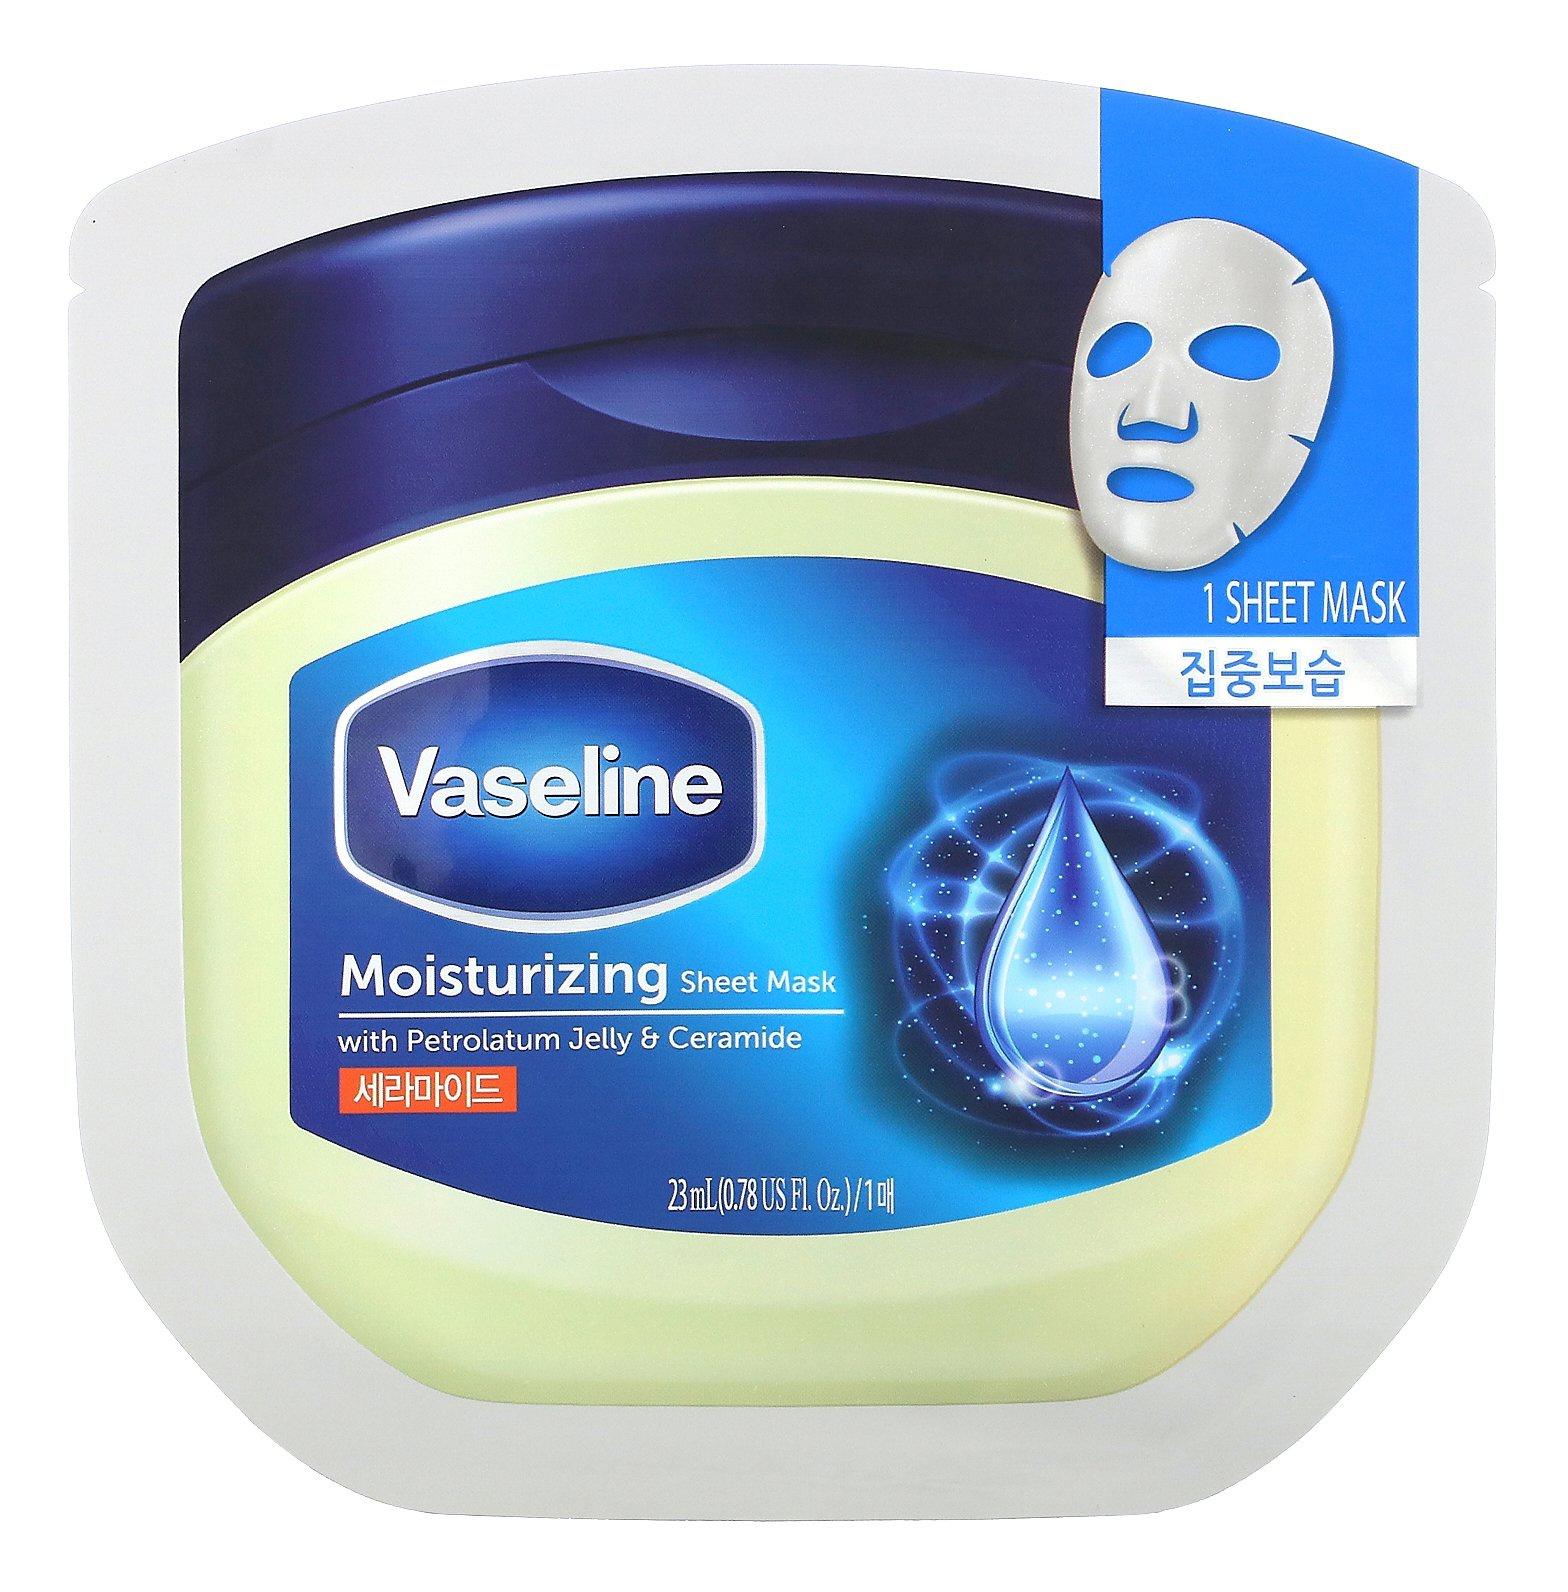 Vaseline Moisturizing Sheet Mask